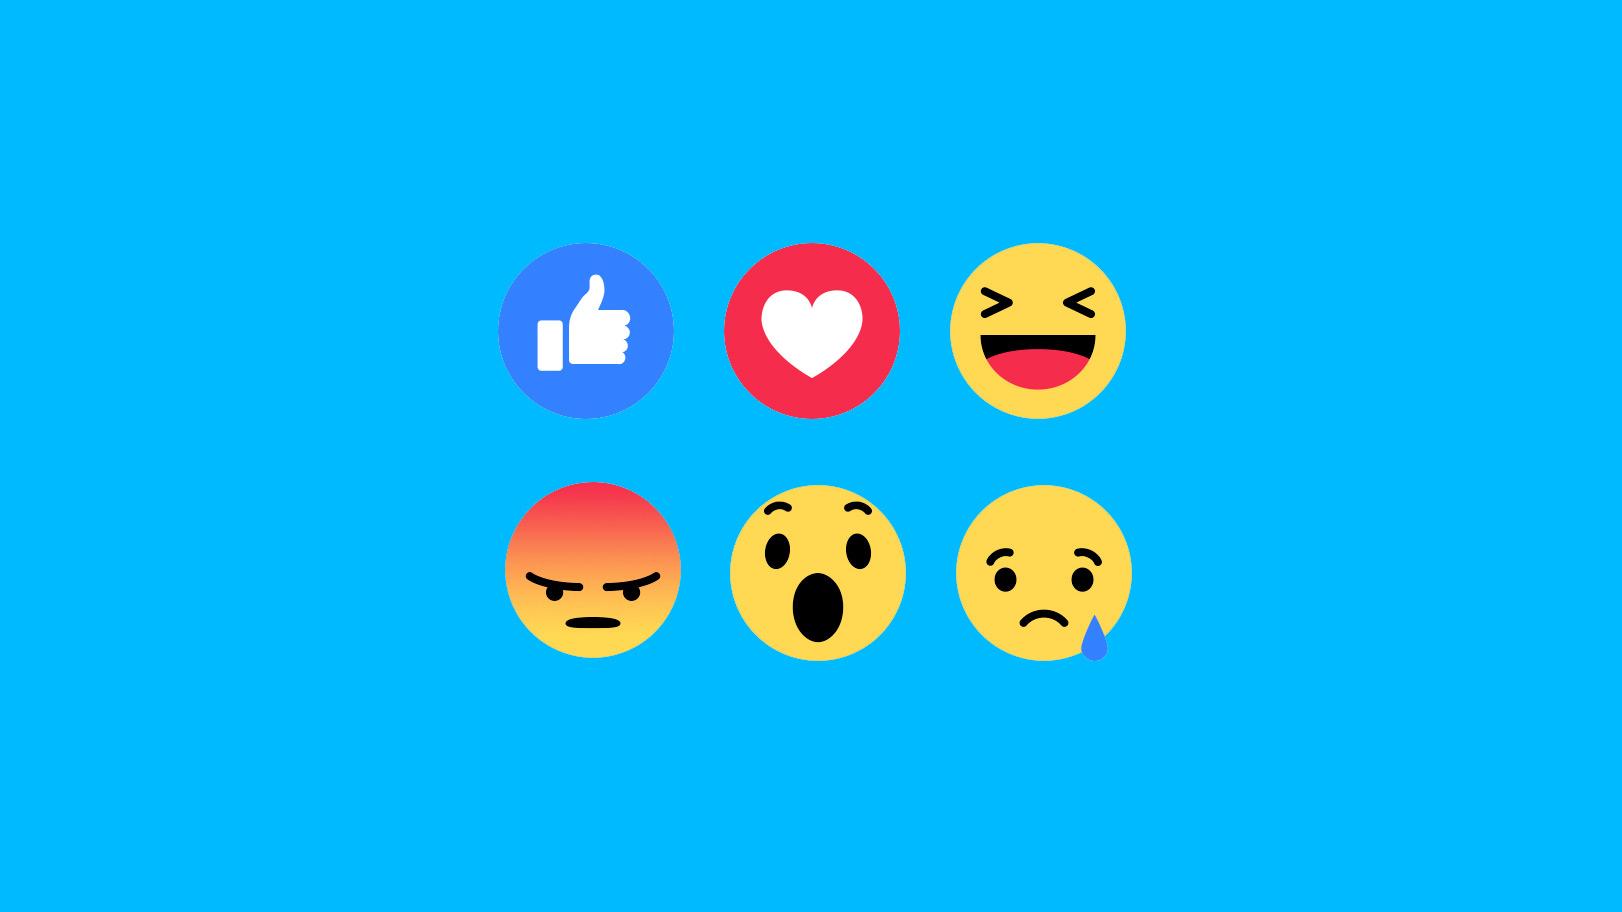 Reactions1.jpg